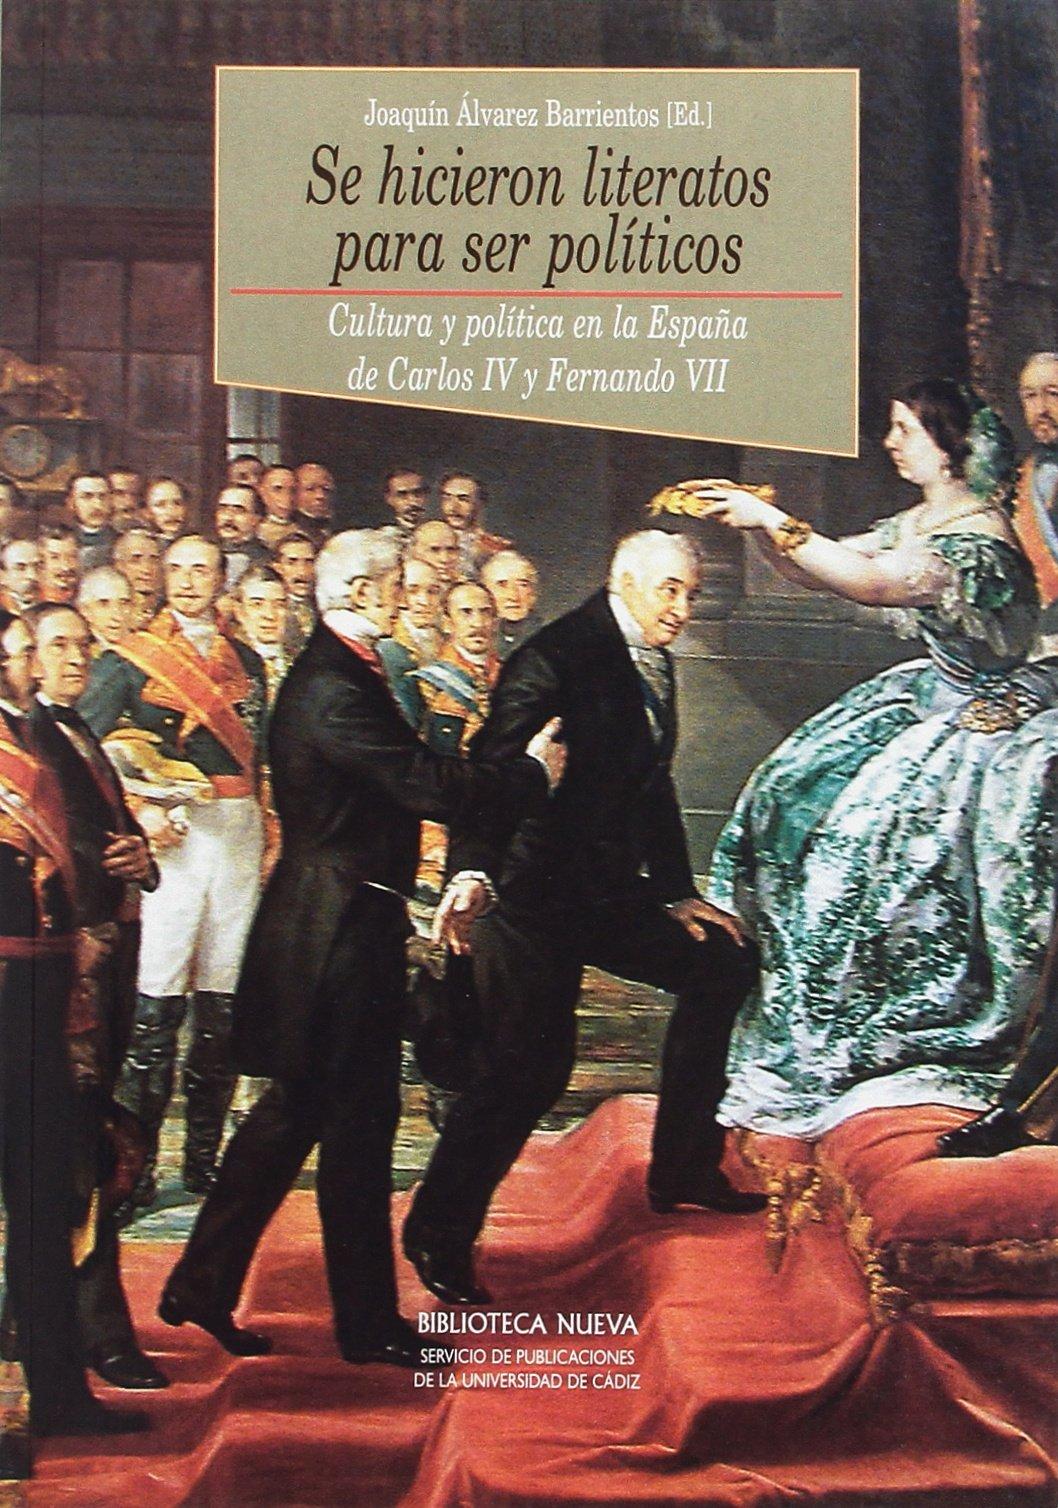 Se hicieron literatos para ser políticos: Cultura y política en la España de Carlos IV y Fernando VII Historia Biblioteca Nueva: Amazon.es: Álvarez Barrientos, Joaquín: Libros